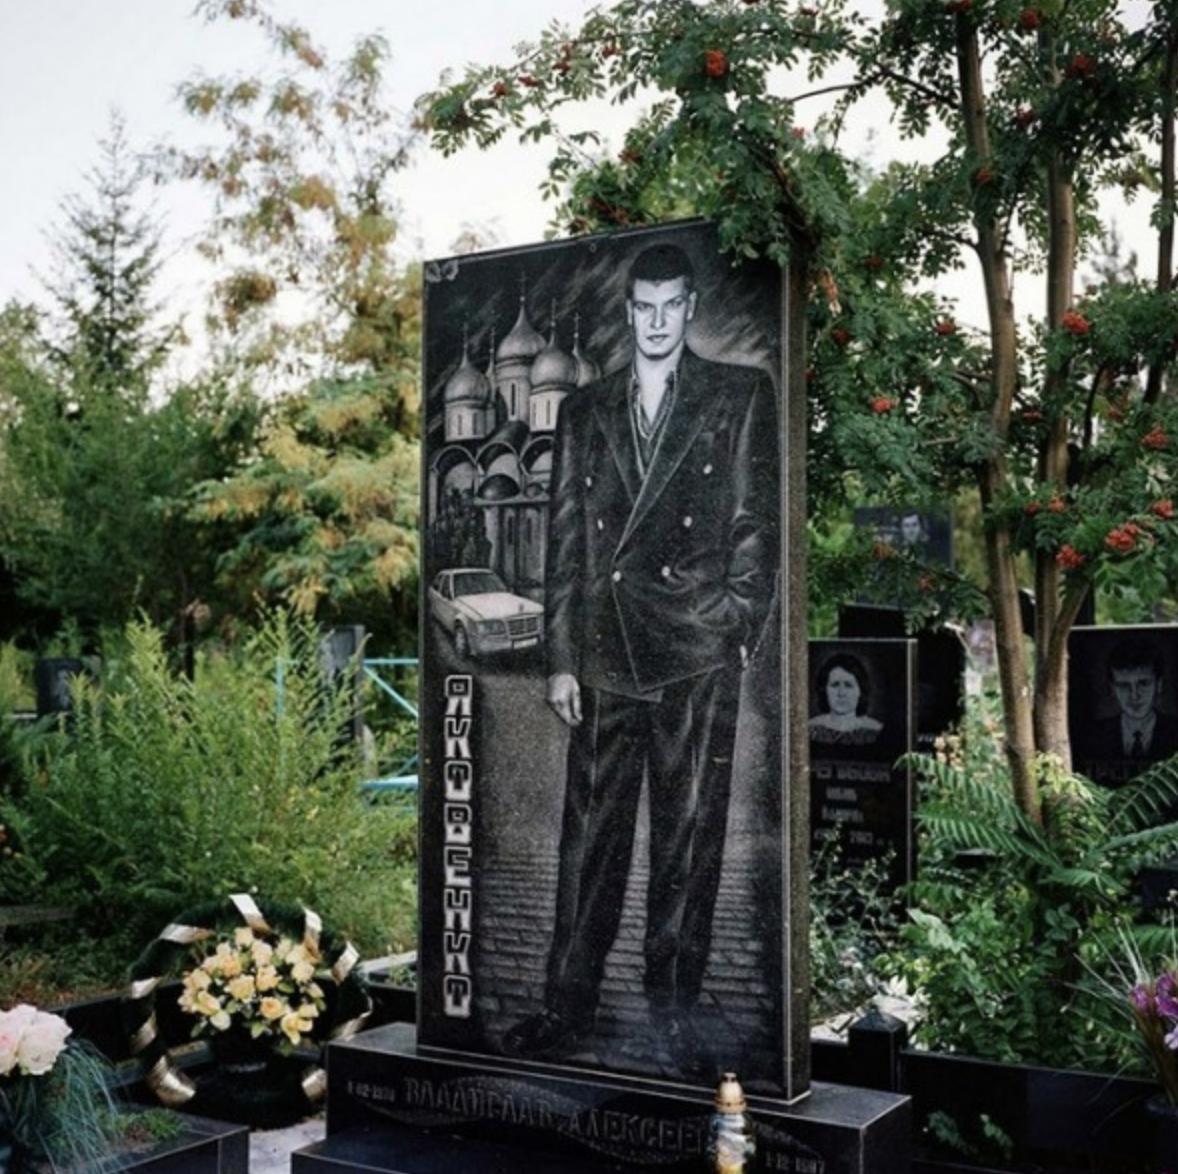 """Один из памятников на кладбище для погибшего """"в боях"""" в 90-е годы участника ОПГ"""